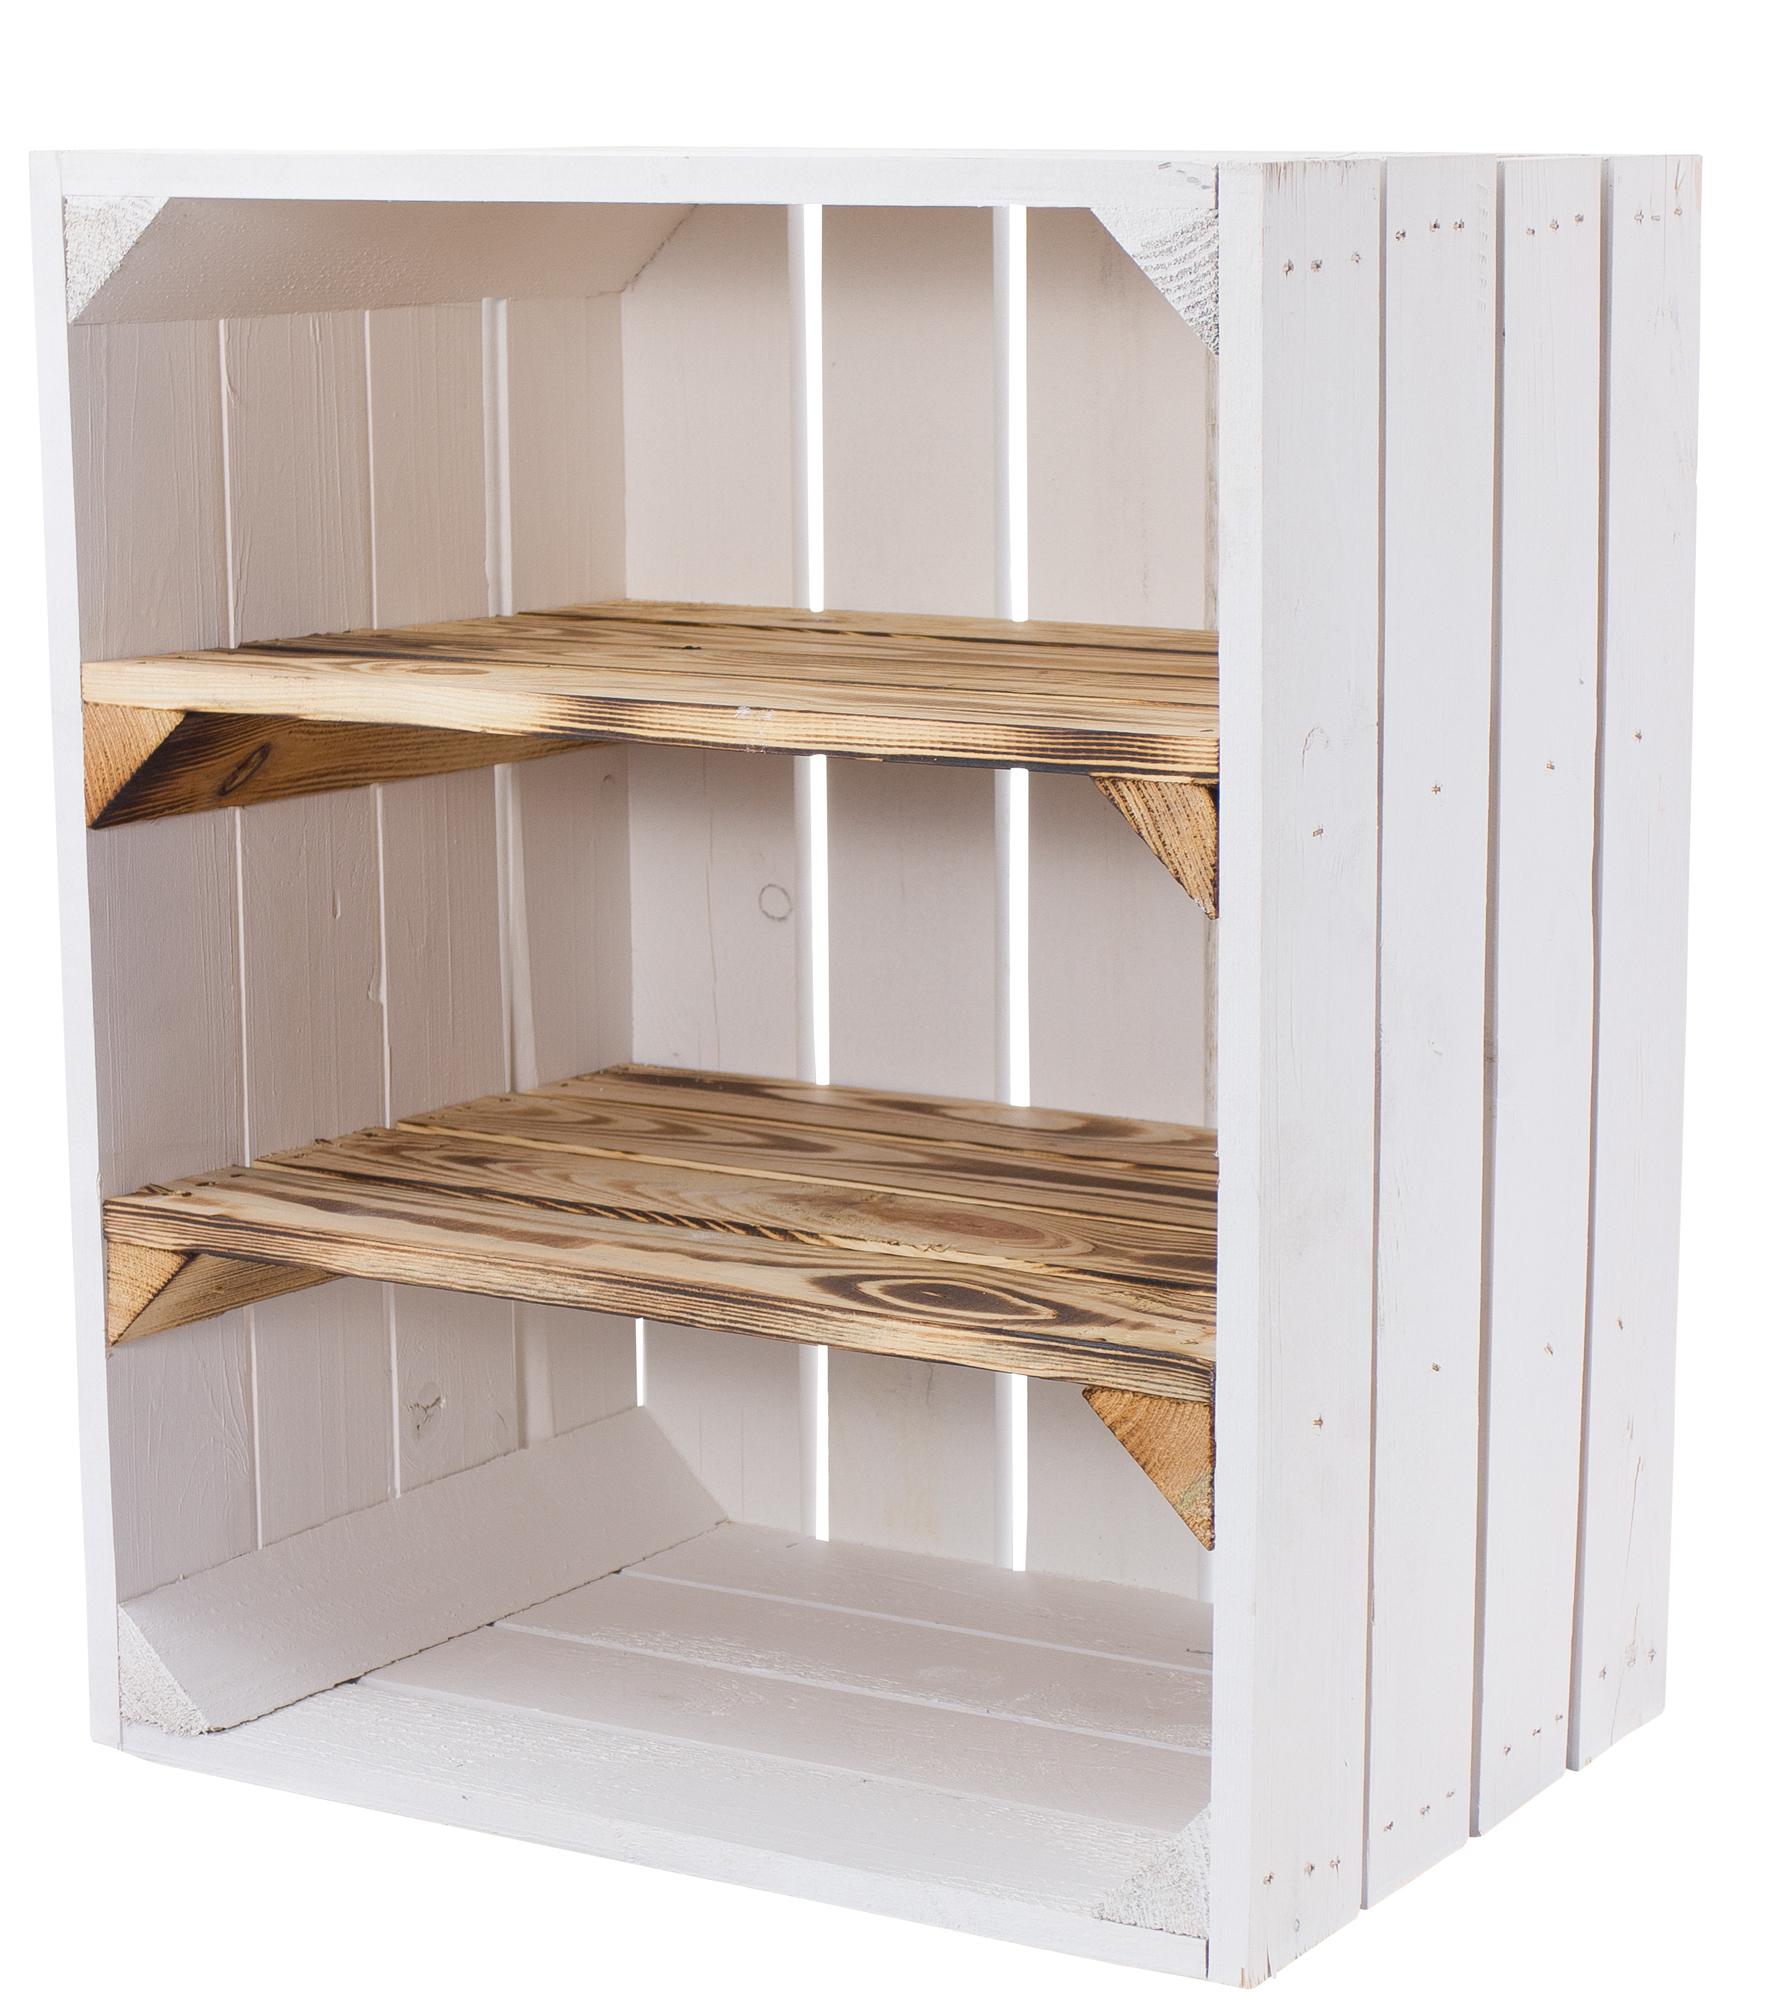 24x Weiße Holzkiste mit 2 geflammten Mittelbrettern -quer- 50x40x30cm